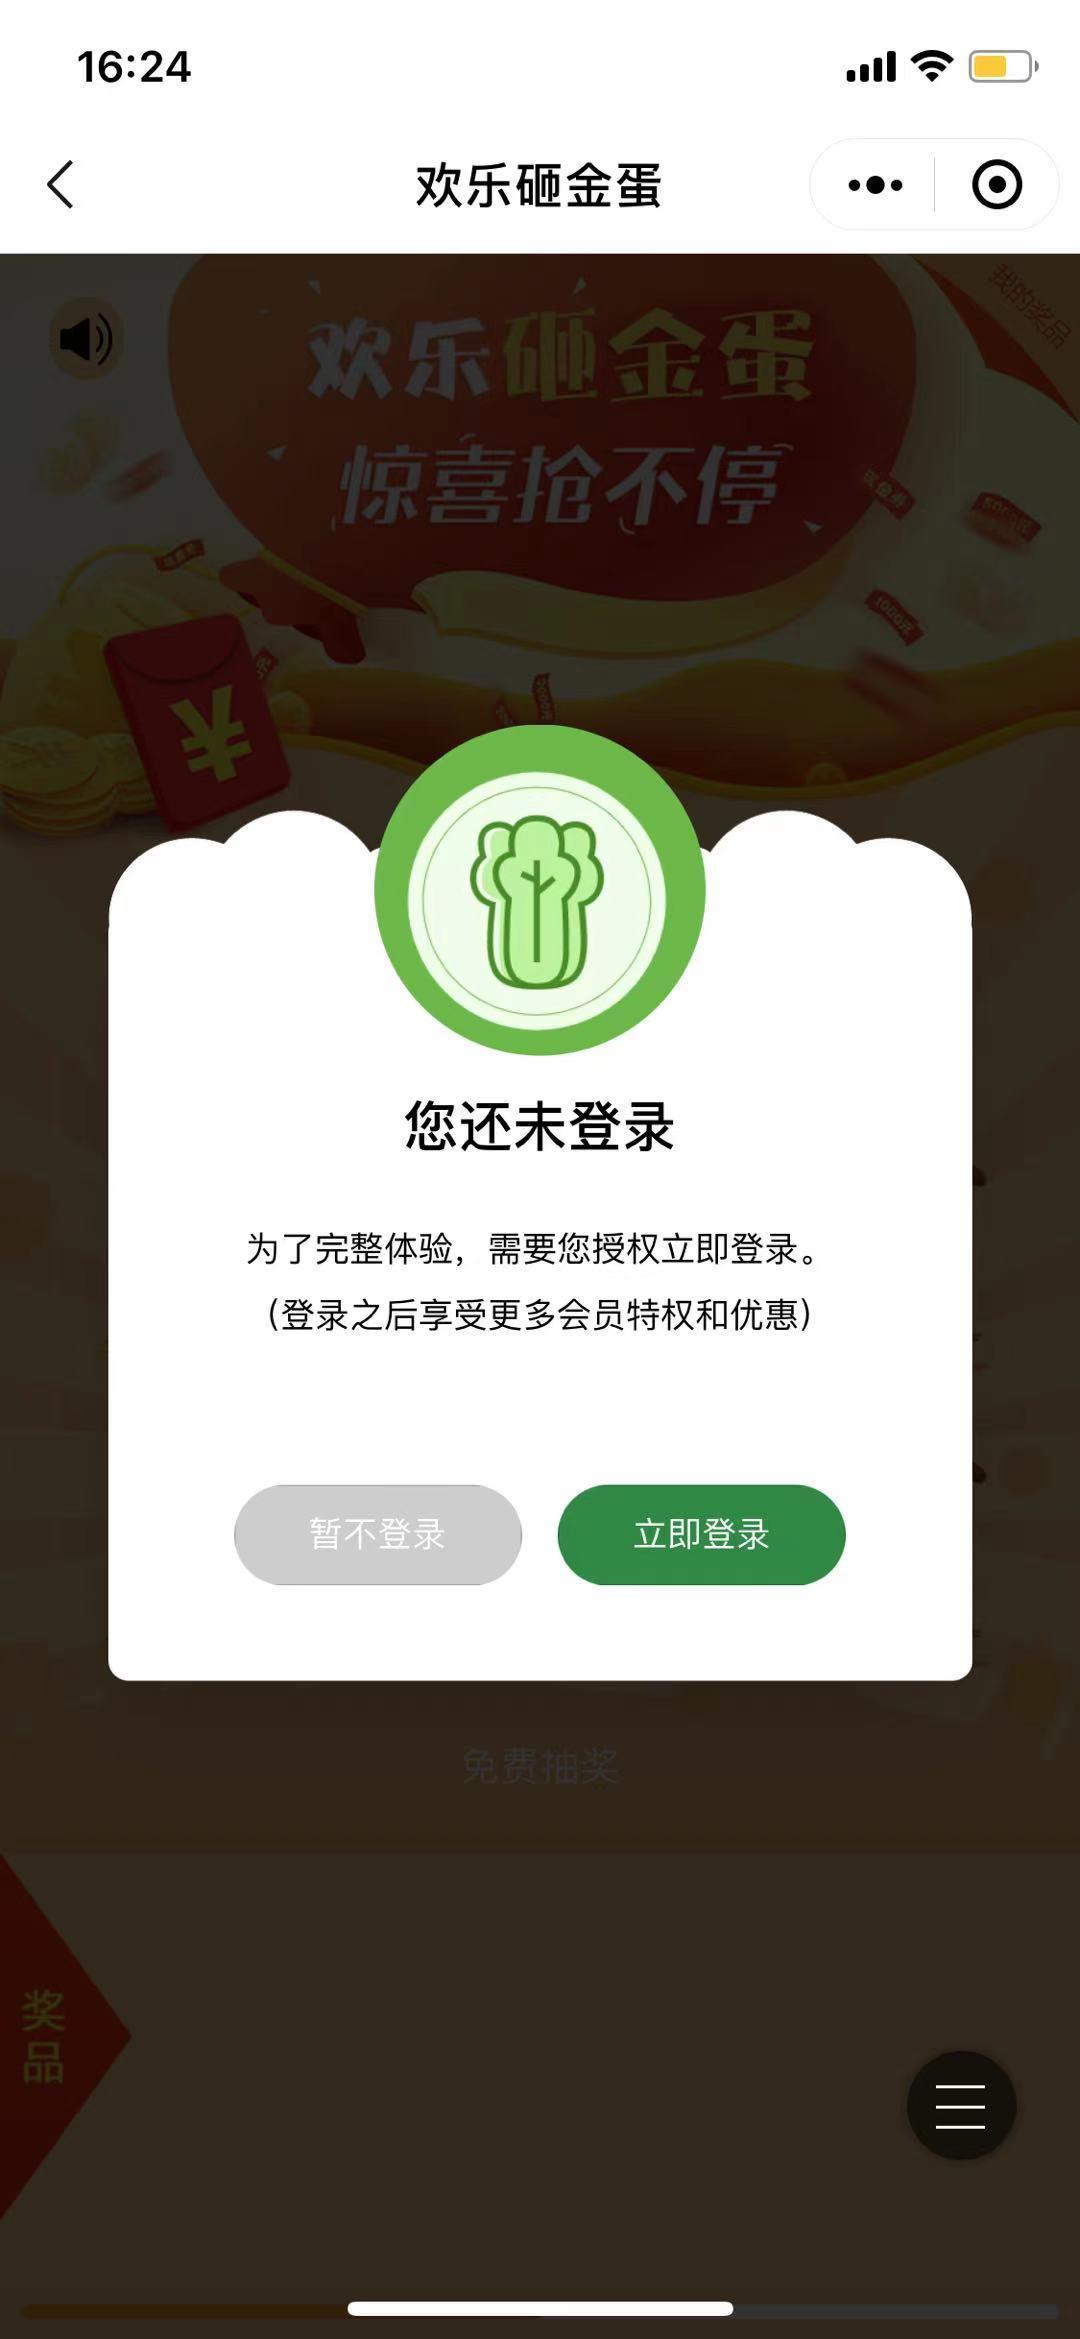 绿捷食品配送商家效果截图